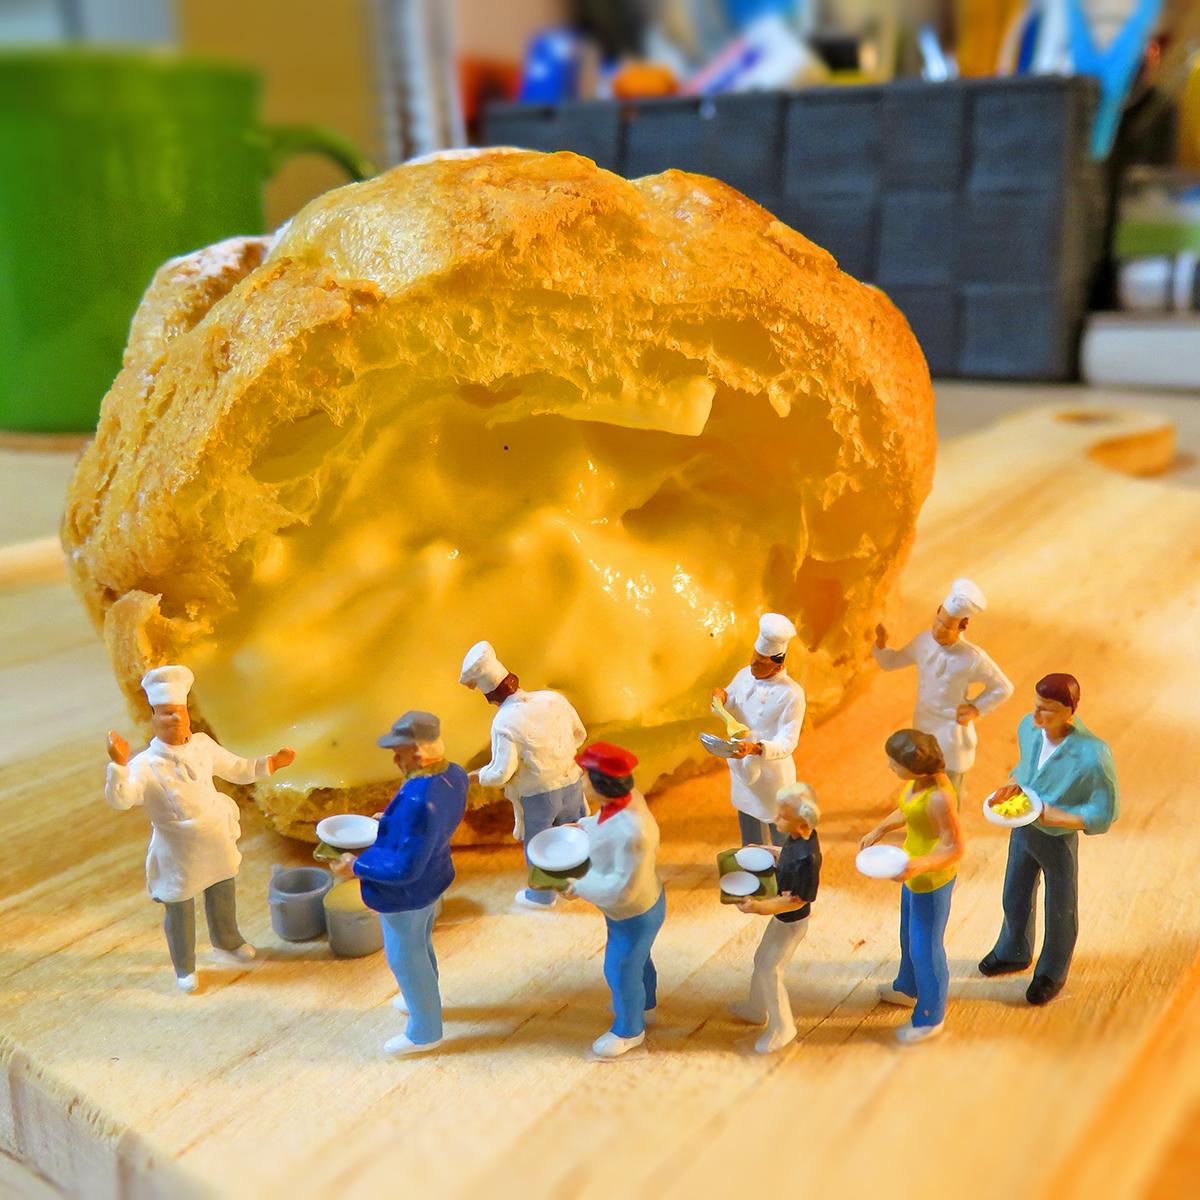 9月6日は生クリームの日!巨大シュークリームが食べたくて行列になる人達